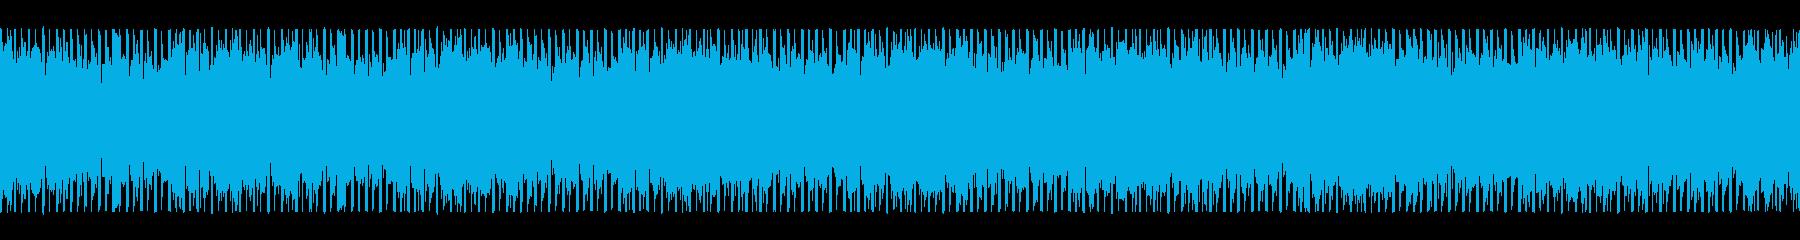 情報を入手する(ループ)の再生済みの波形